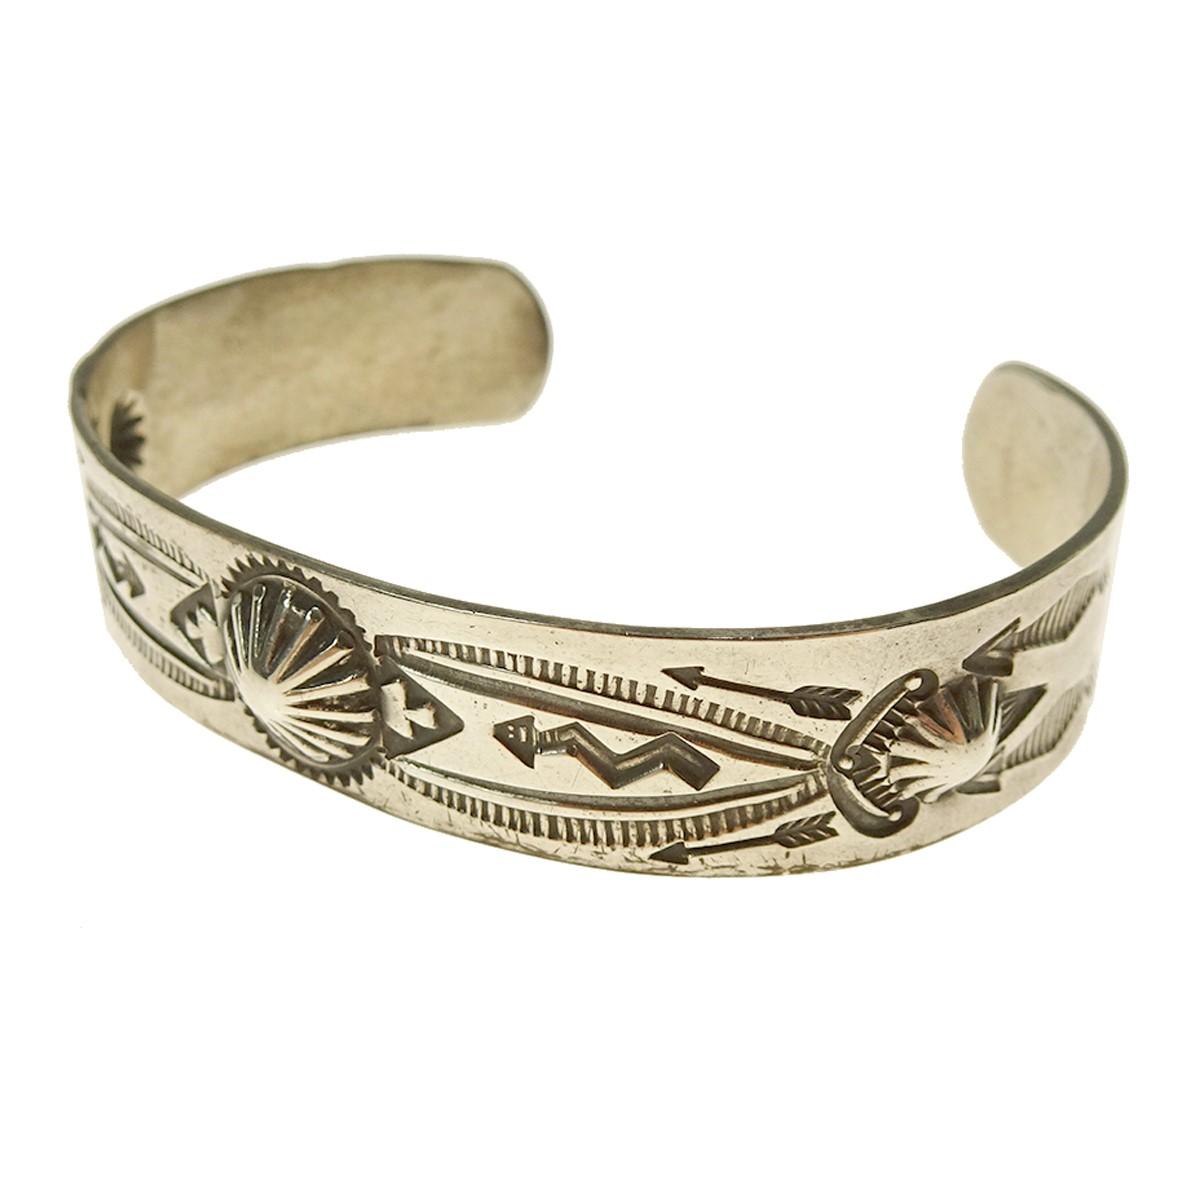 【中古】Indian jewellery スタンプワークバングル シルバー サイズ:- 【070520】(インディアンジュエリー)